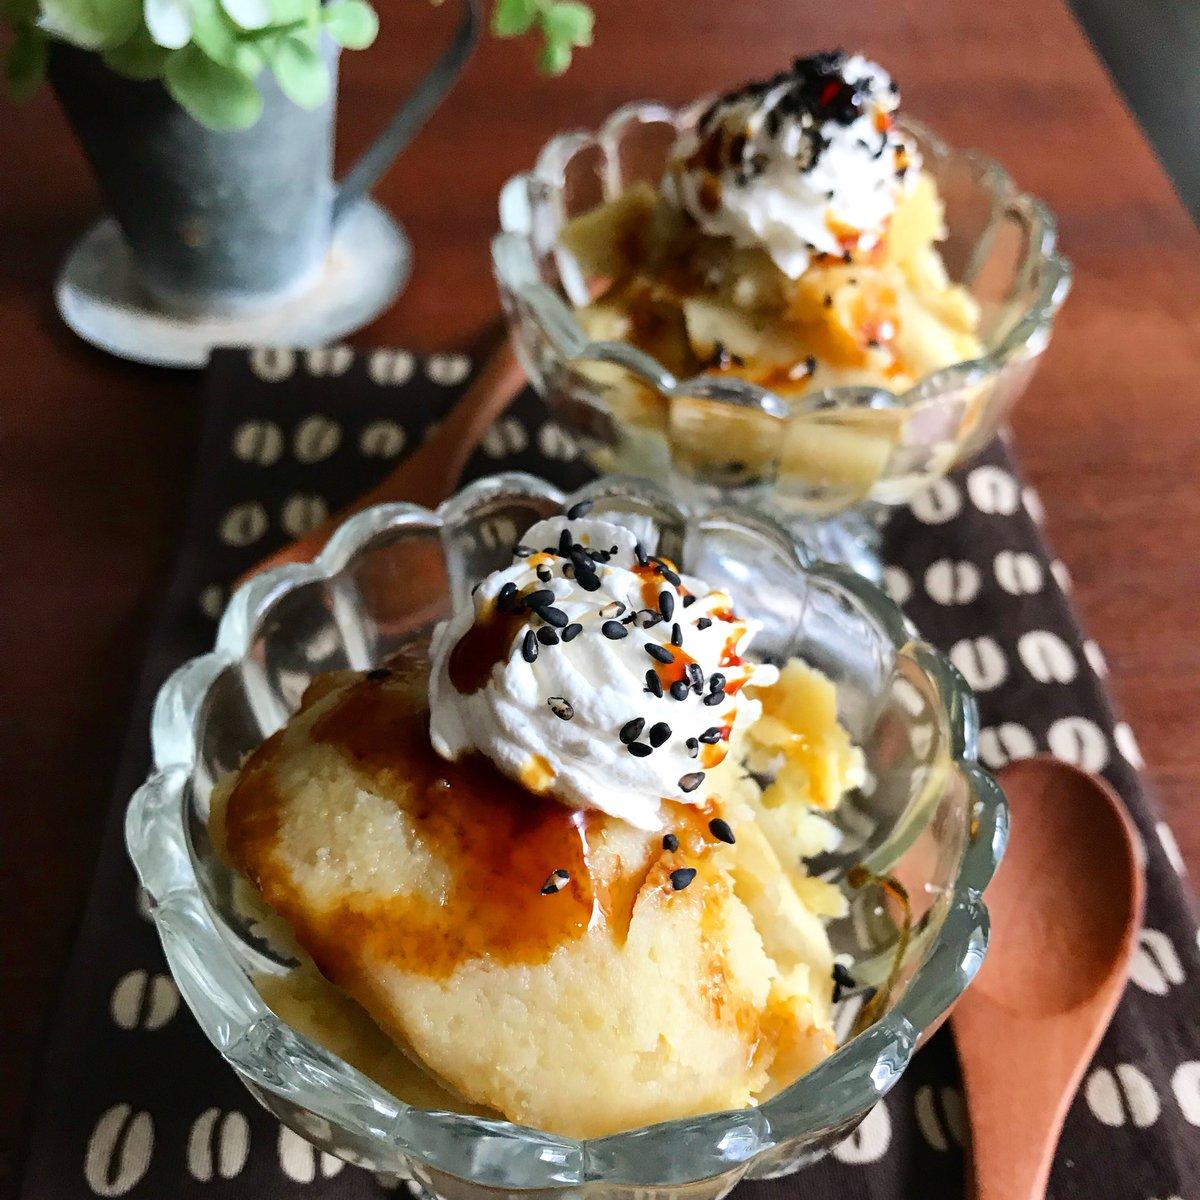 これは美味しそう!プリンスイートポテトがレンジで簡単に出来ちゃいます!